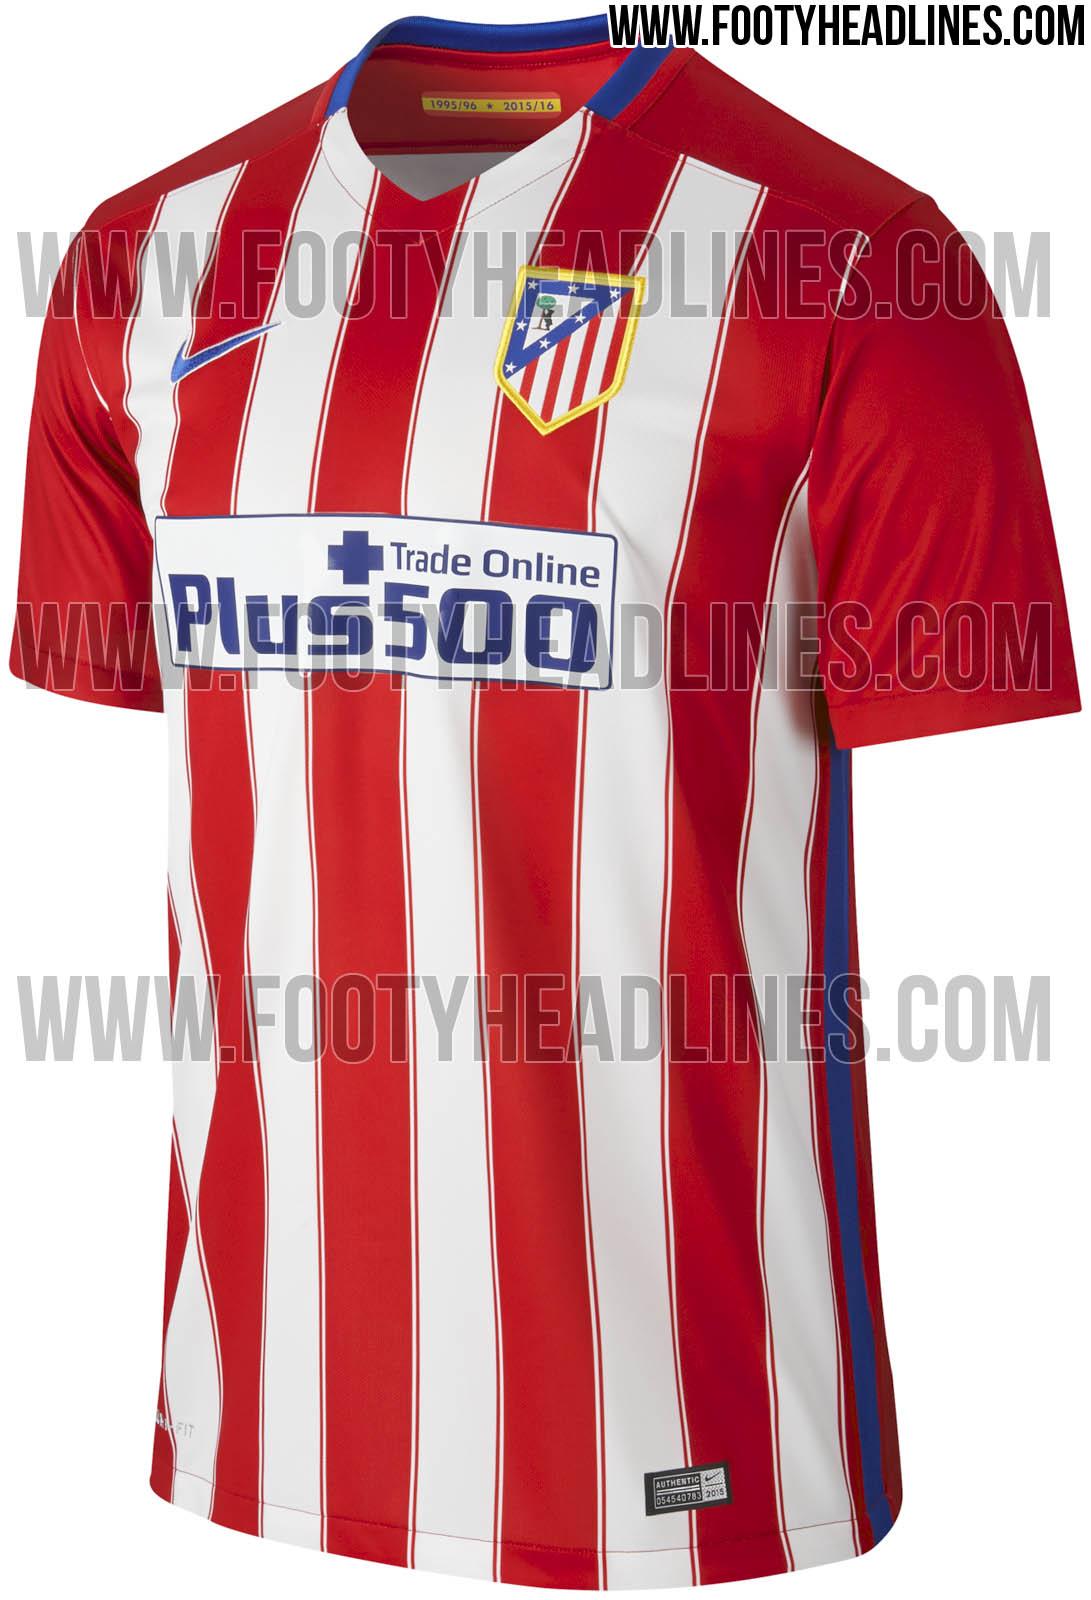 Nuevas imágenes de las camisetas del Atlético de Madrid 2015 16 - La ... b7629e8064b1a